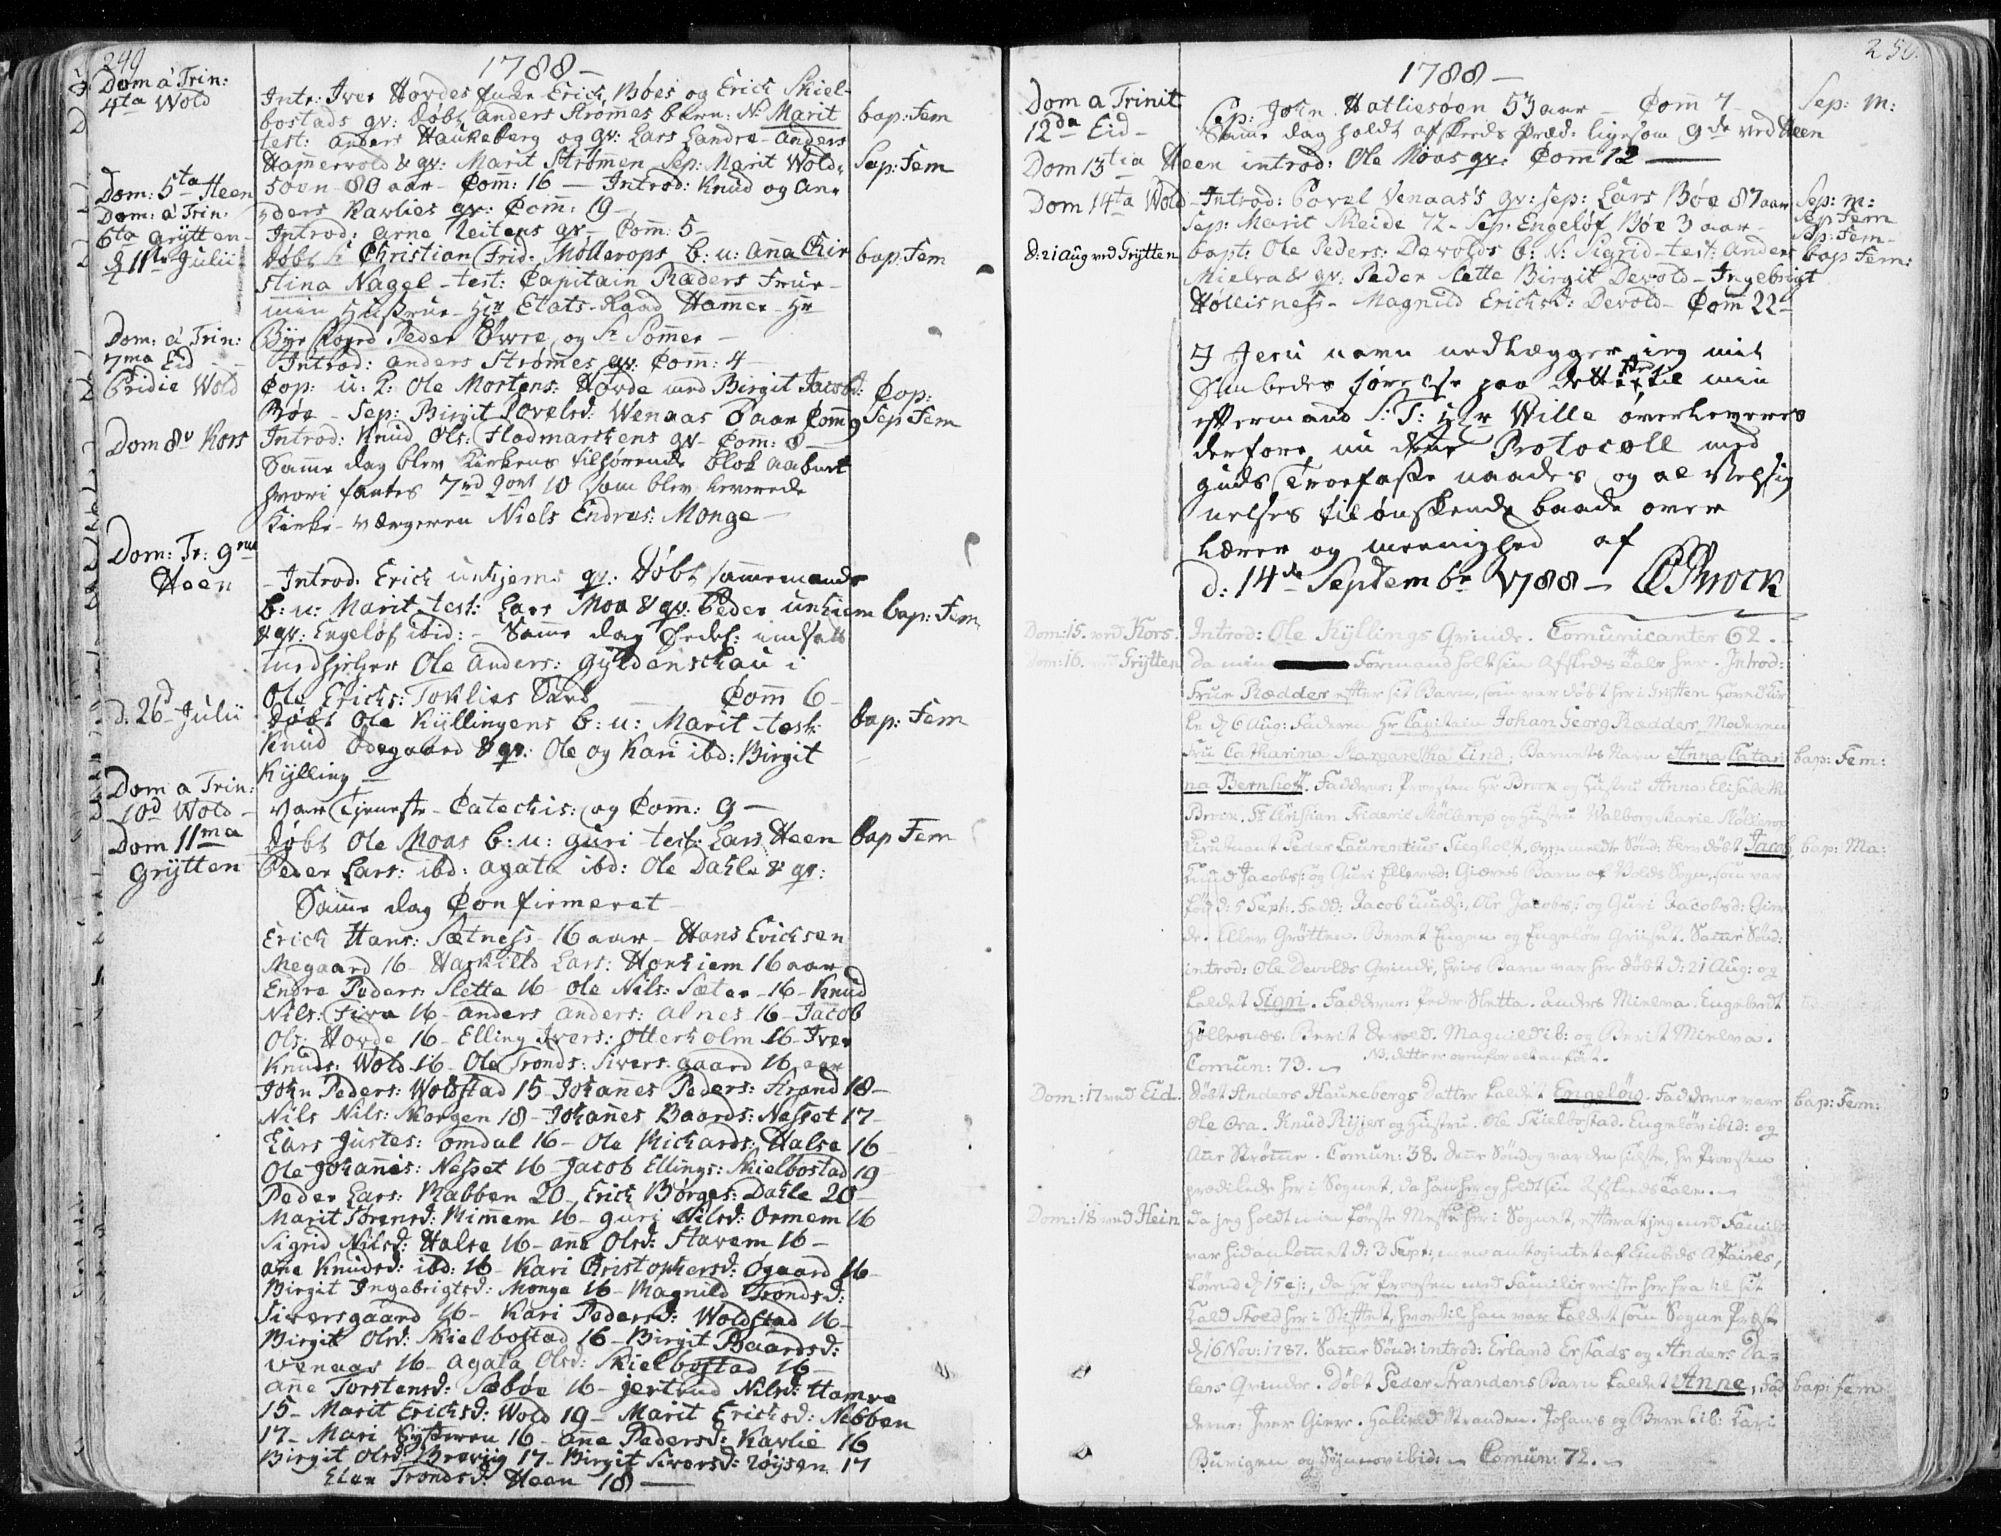 SAT, Ministerialprotokoller, klokkerbøker og fødselsregistre - Møre og Romsdal, 544/L0569: Ministerialbok nr. 544A02, 1764-1806, s. 249-250